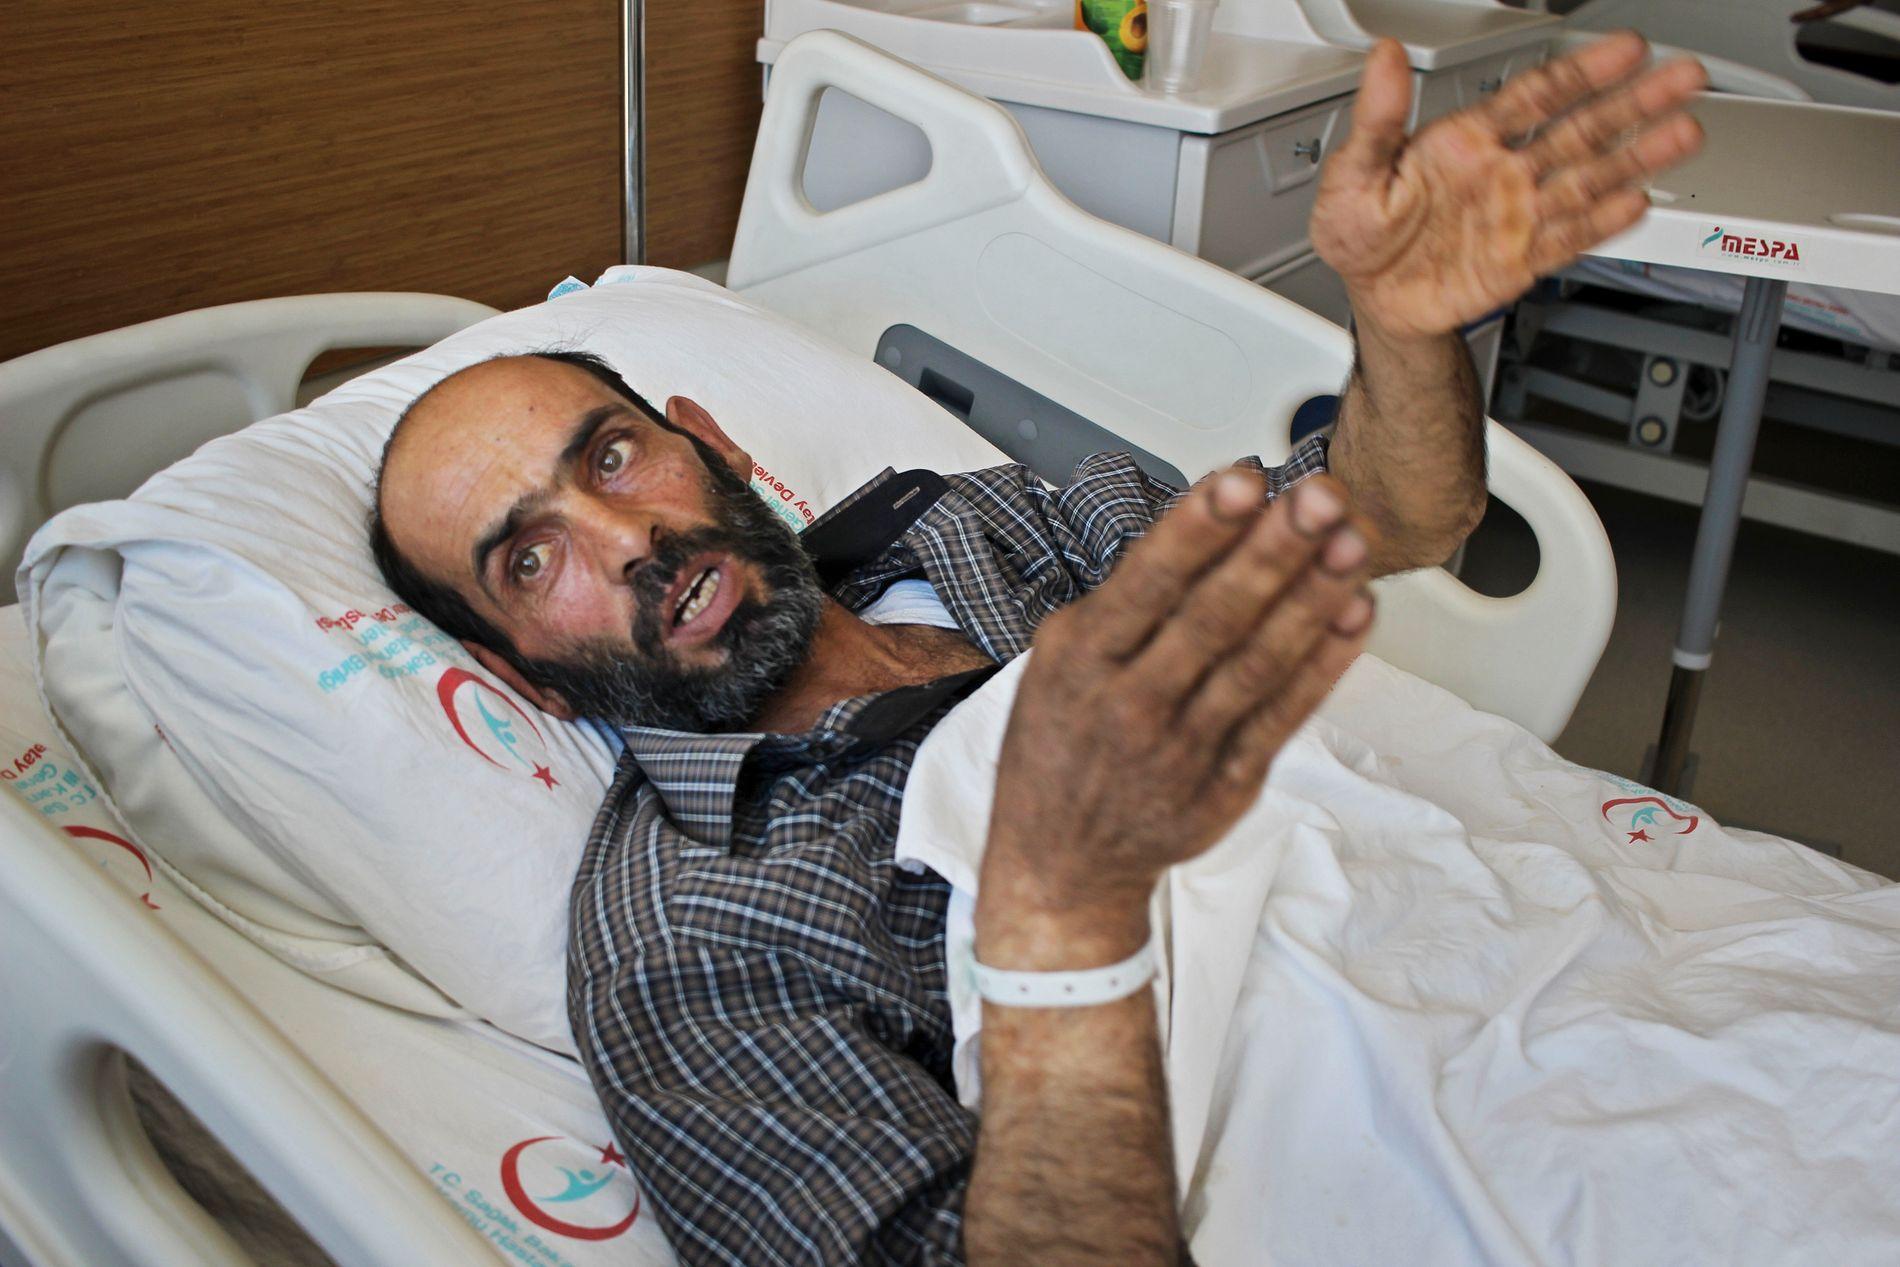 OVERLEVDE: Moustafa Az Kour overlevde de som skal ha vært et gassangrep i Syria, og velger å tolke det amerikanske angrepet mot en av flybasene til den syriske regjeringshæren som en «hevn fra gud».